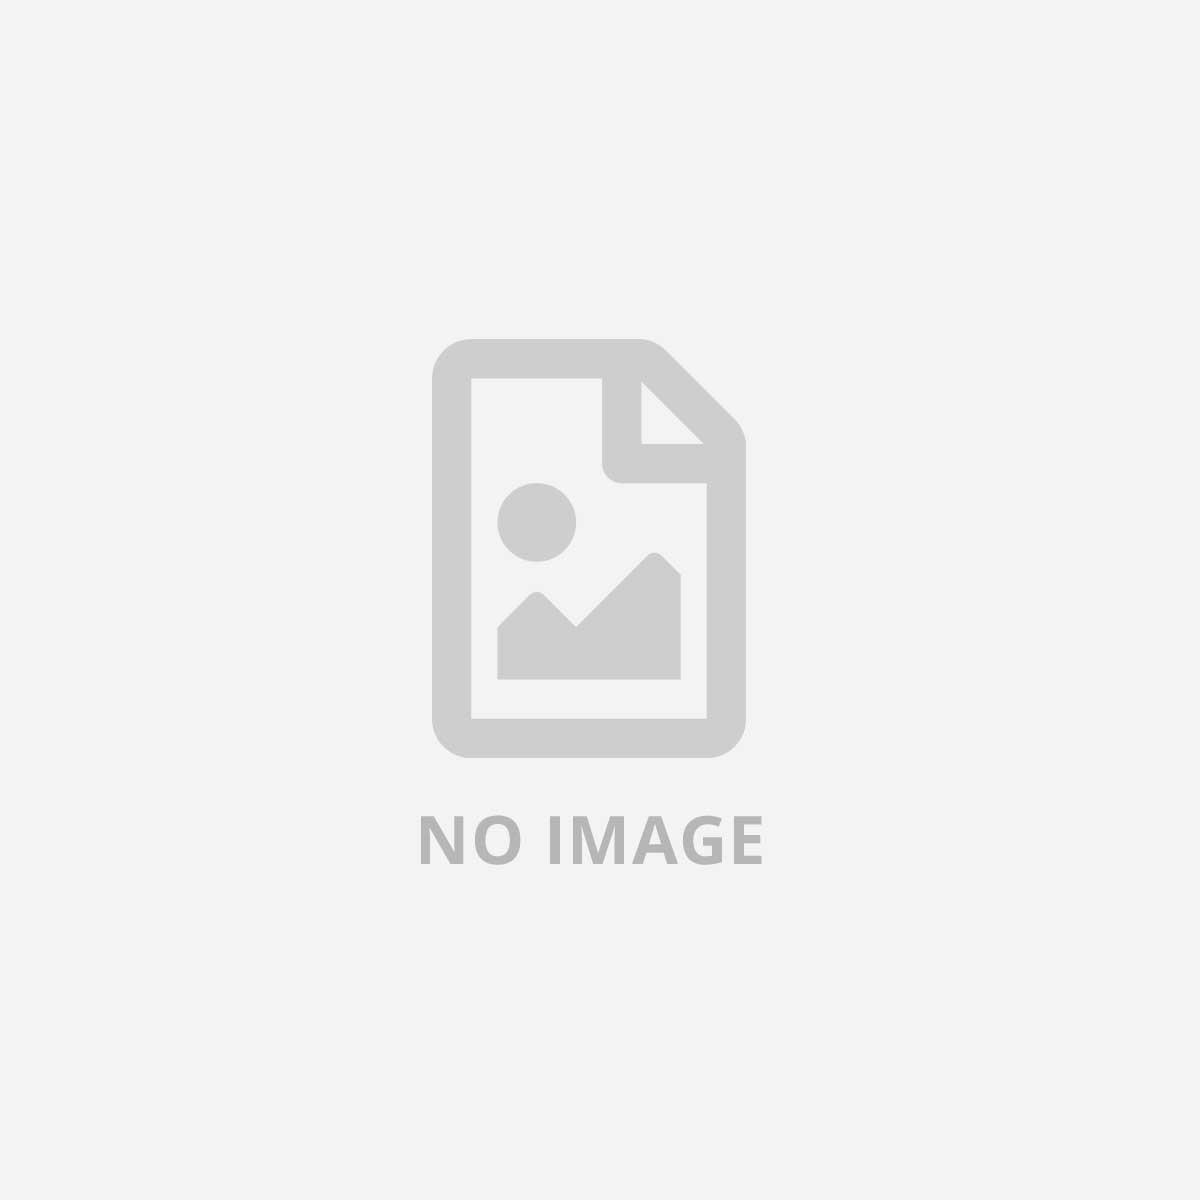 NILOX VENTOLA PER PC 80X80X25 MM 12 VOLT